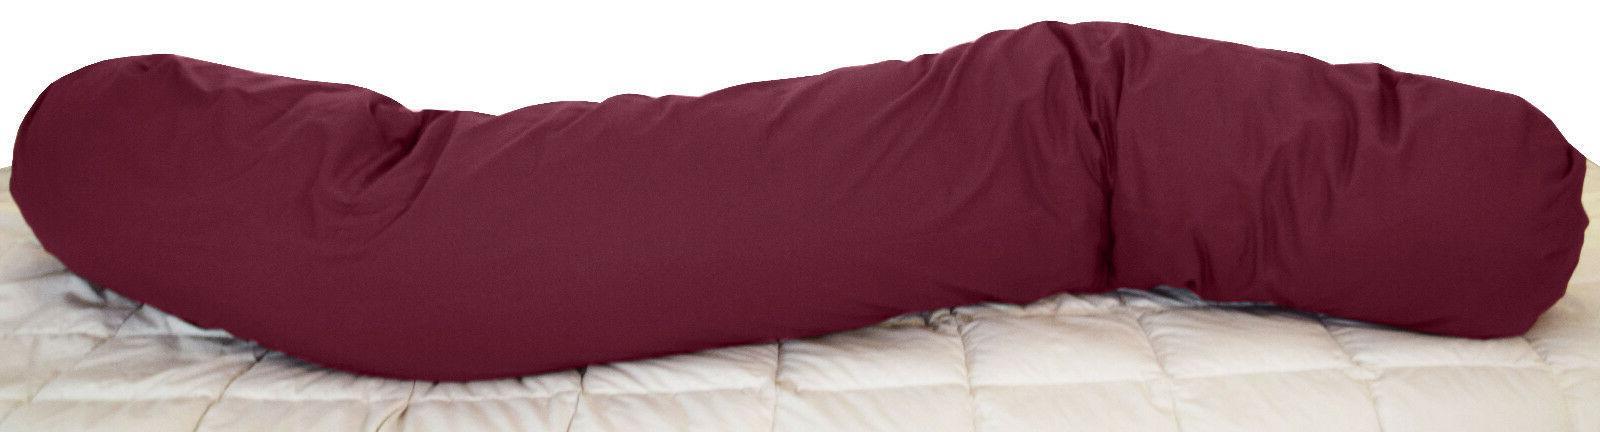 Sleeping Bean body pillow Cover, Cotton pillowcase,